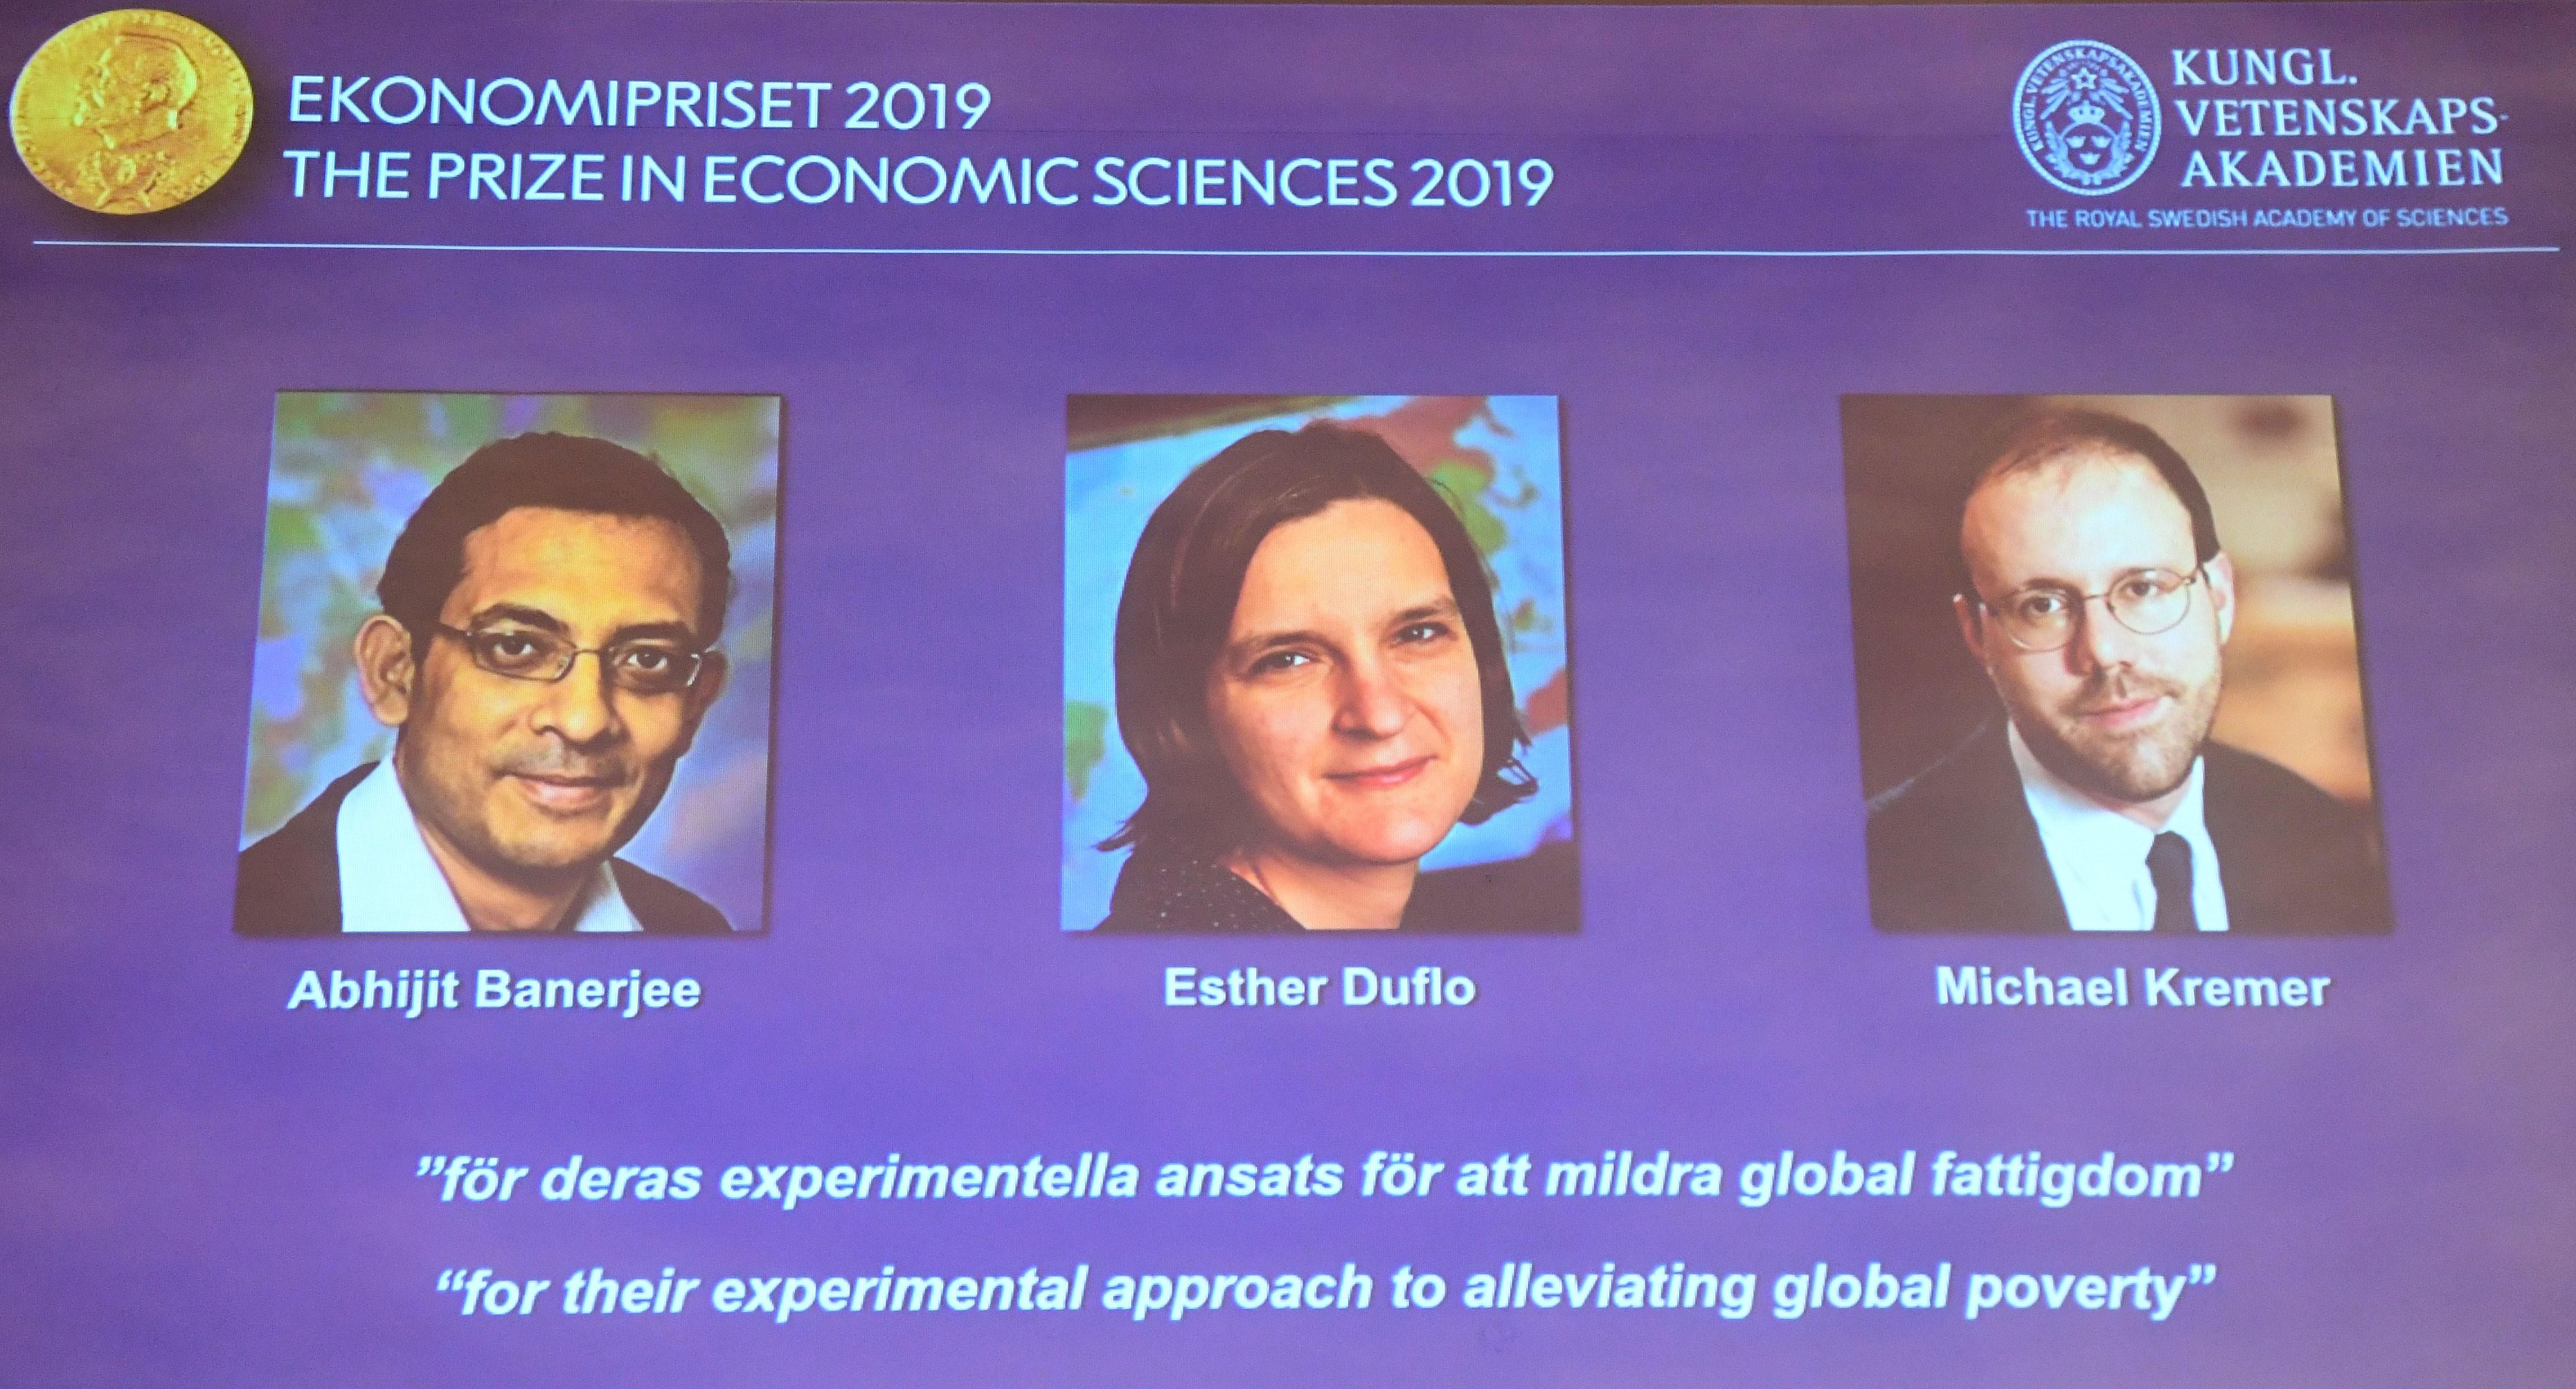 Trio ganha Nobel de Economia 2019 por pesquisas que ajudam combate à pobreza - Notícias - Plantão Diário